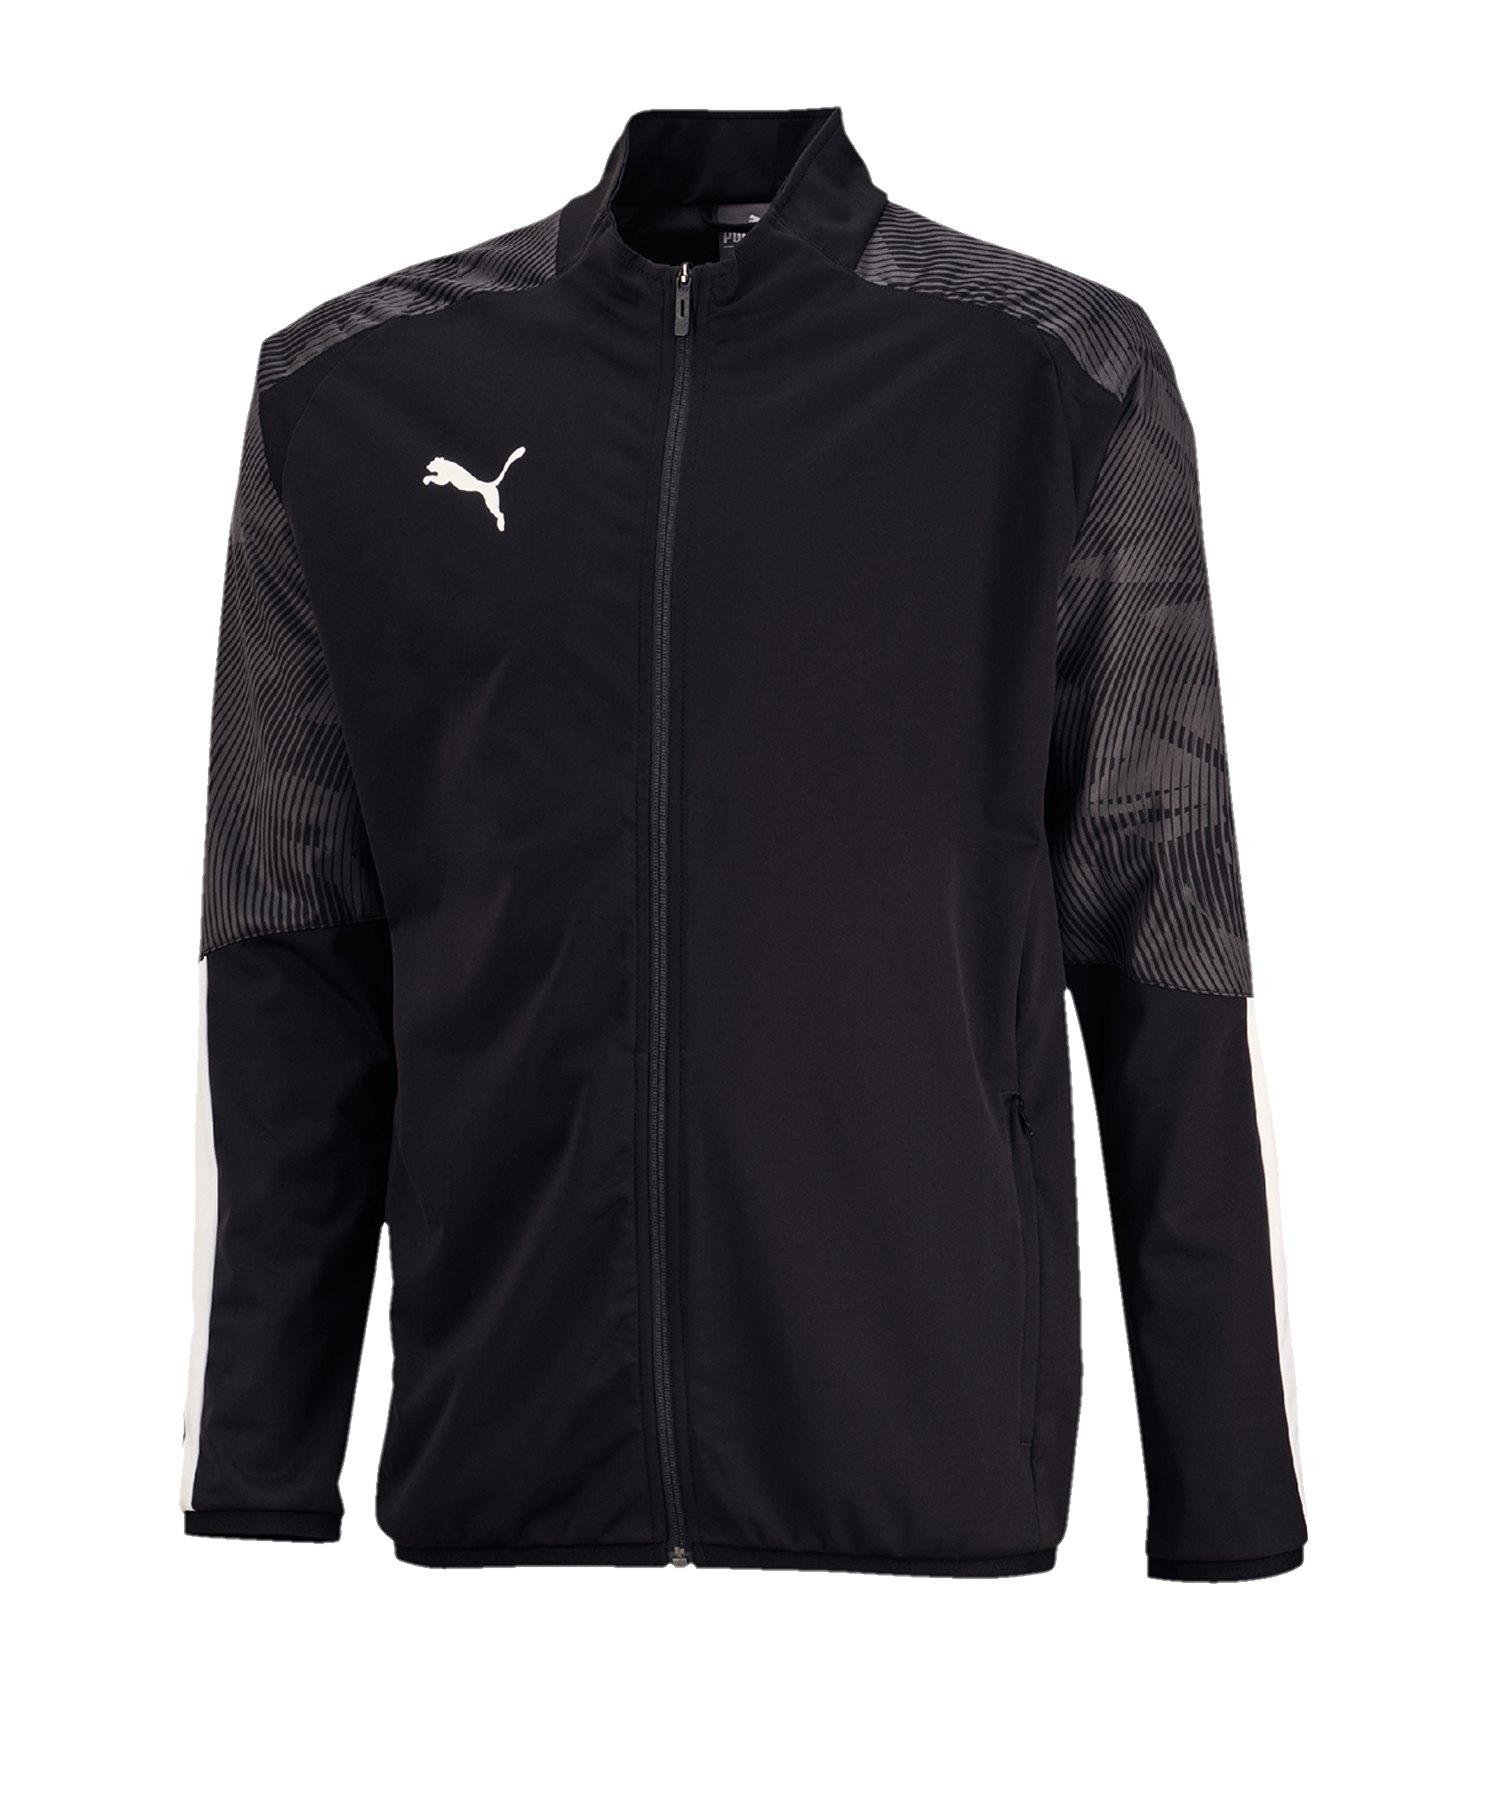 PUMA CUP Sideline Jacket Jacke Schwarz F03 - schwarz